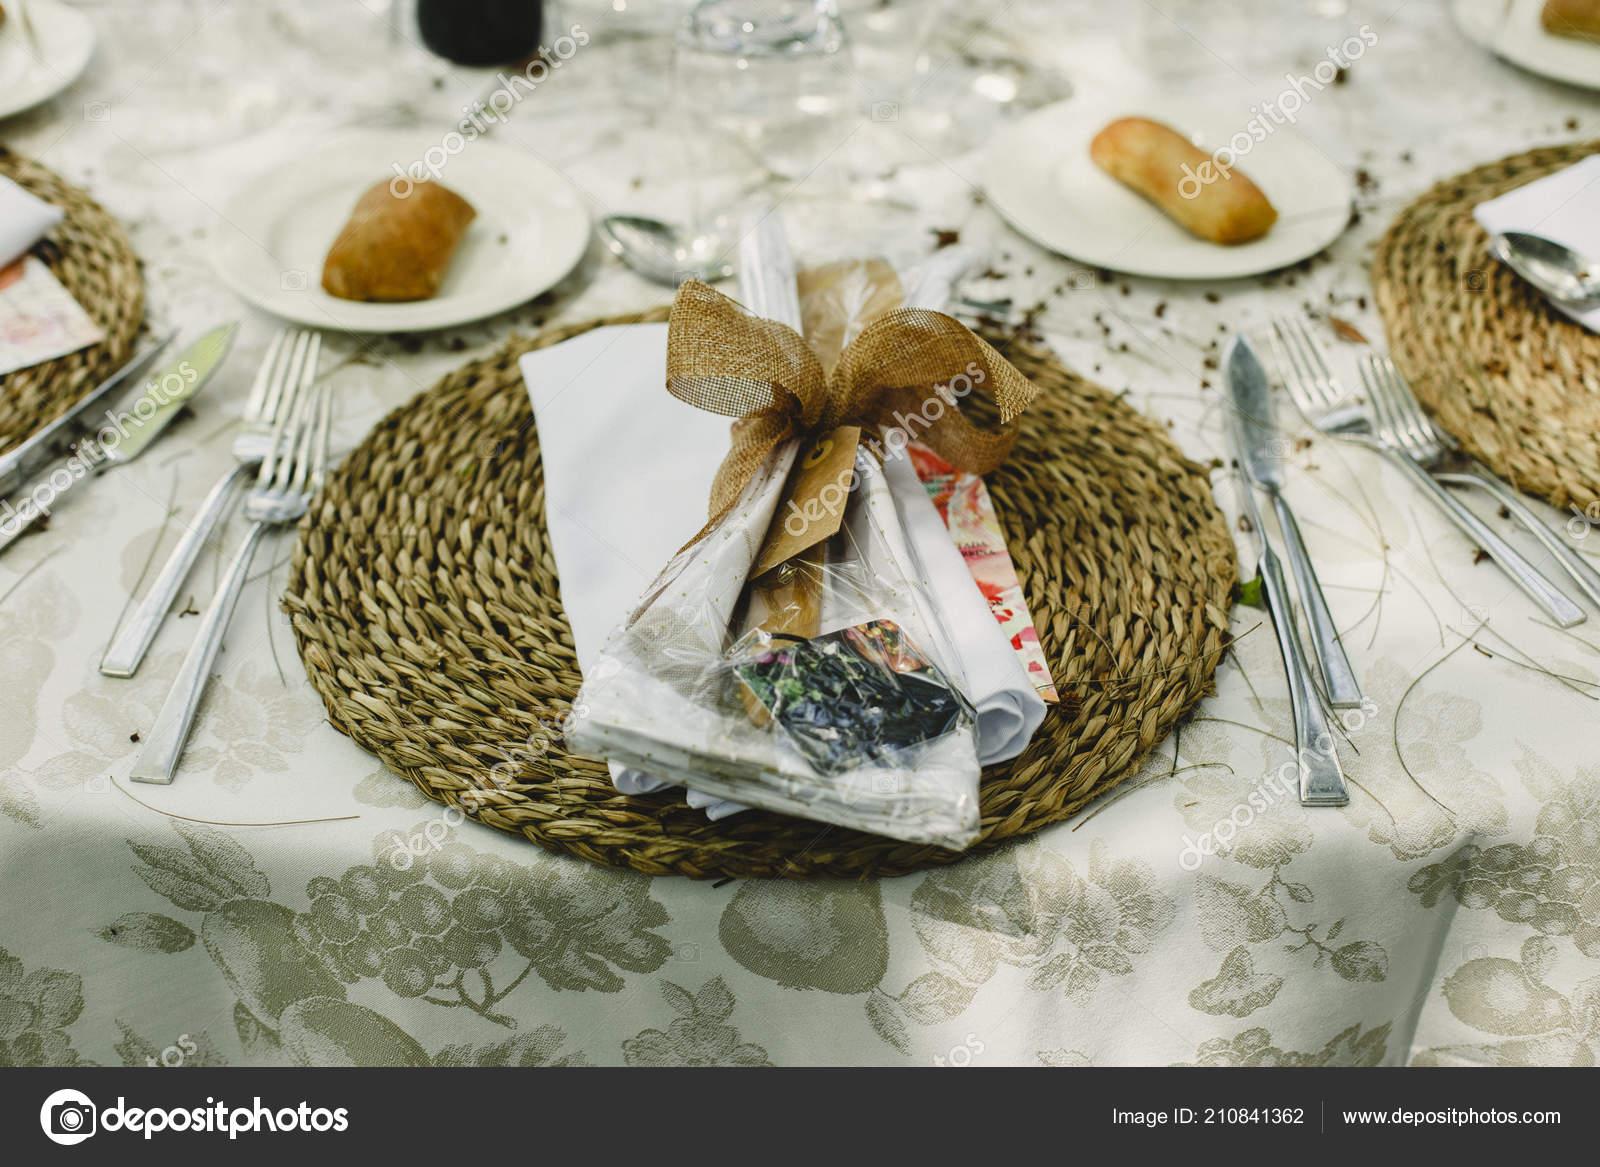 cf56fca736da Διακόσμηση Από Κεντρικά Του Γάμου Μαχαιροπίρουνα Και Vintage Λεπτομέρειες — Φωτογραφία  Αρχείου